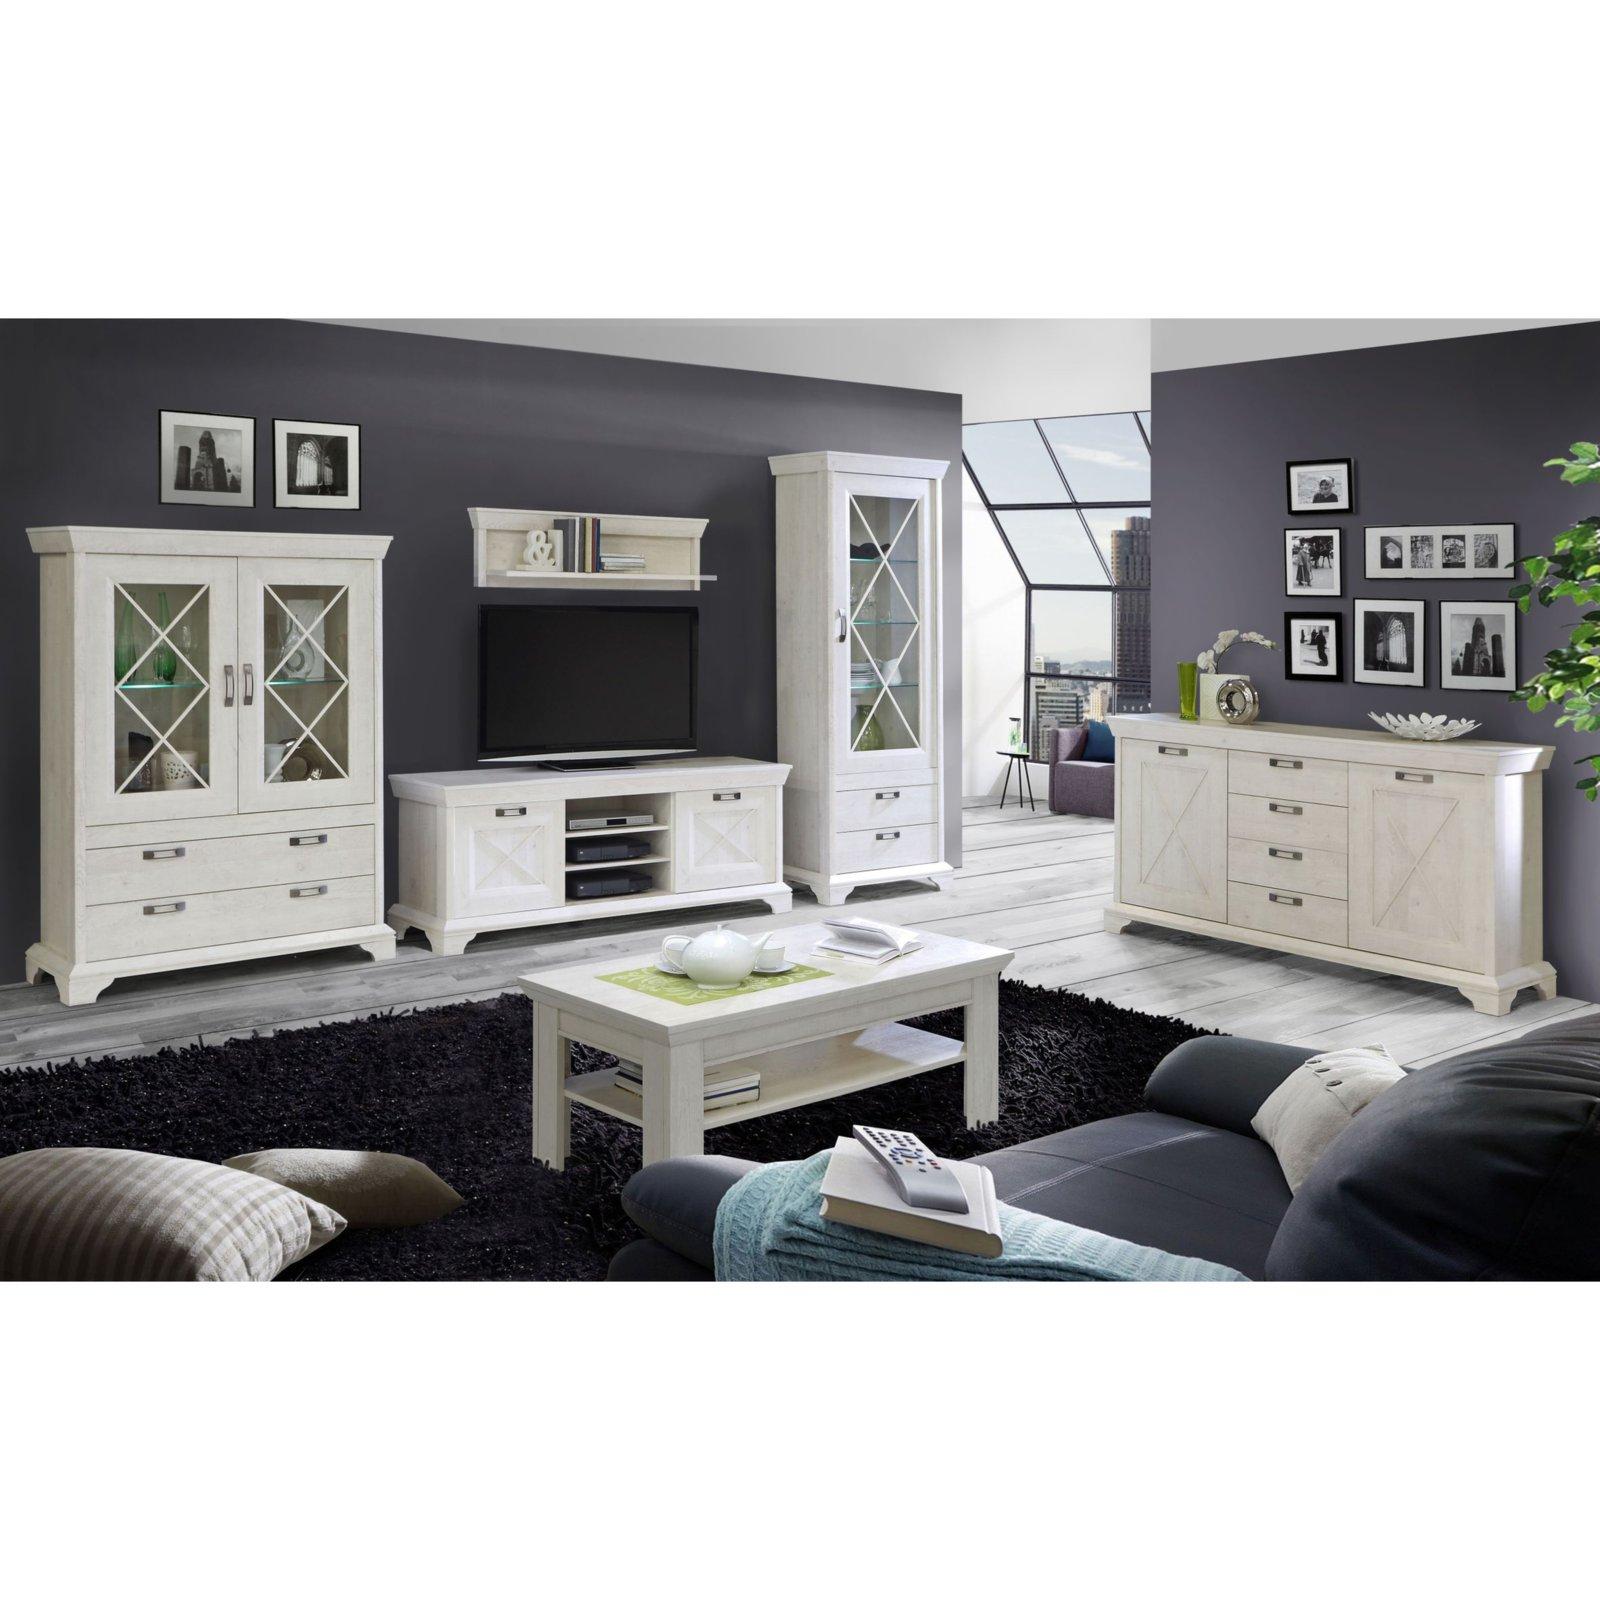 vitrine hoch kashmir pinie wei mit beleuchtung ebay. Black Bedroom Furniture Sets. Home Design Ideas